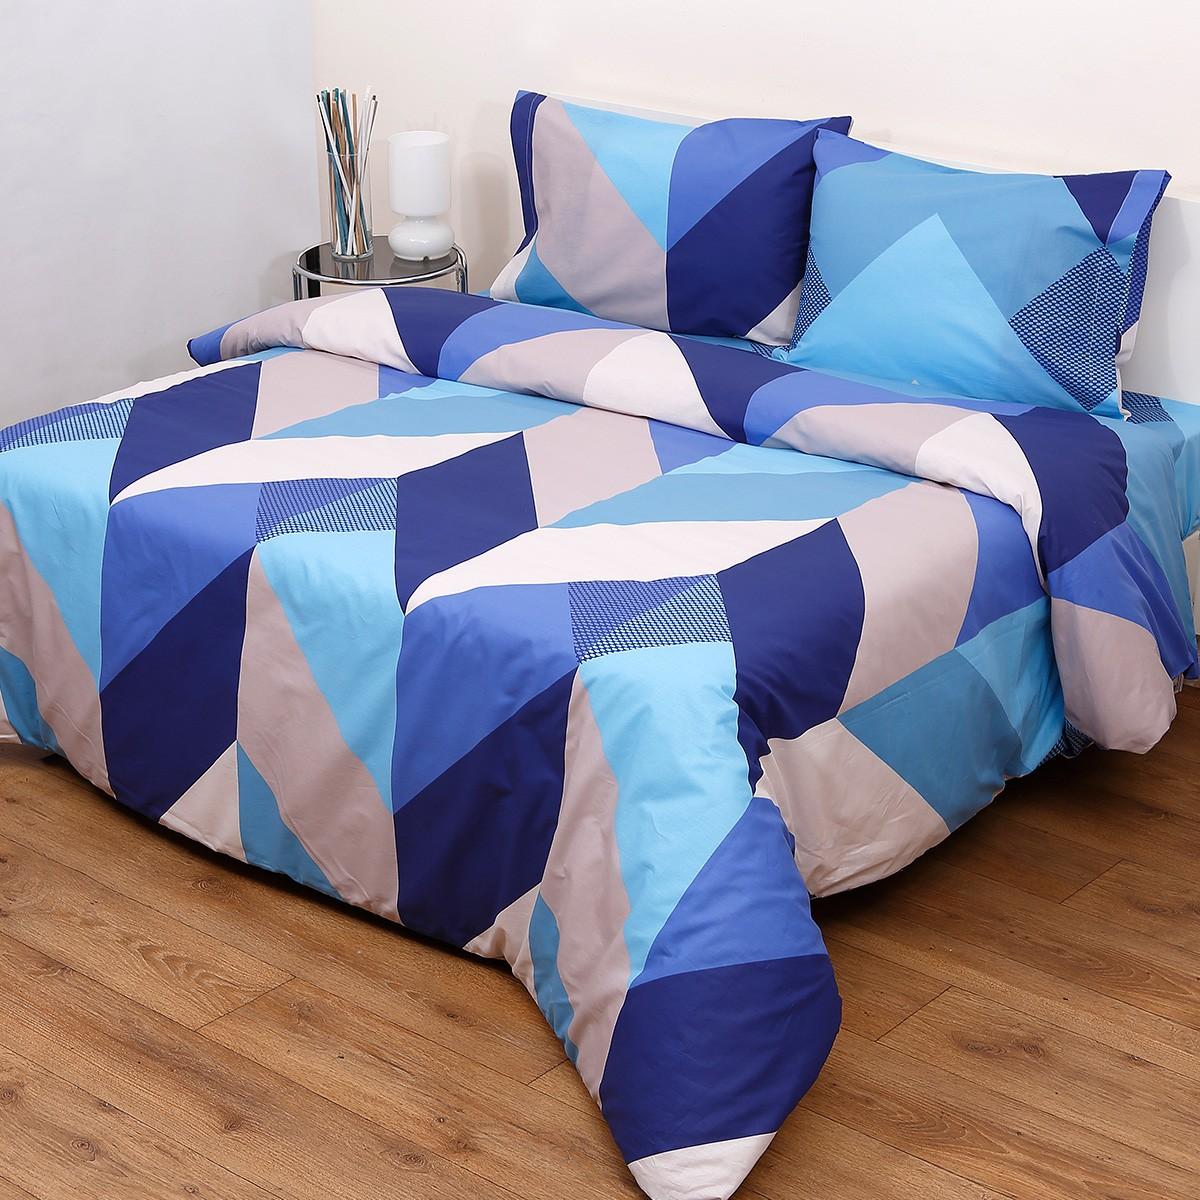 Πάπλωμα Υπέρδιπλο (Σετ) Viopros Fresh Ένζο Μπλε